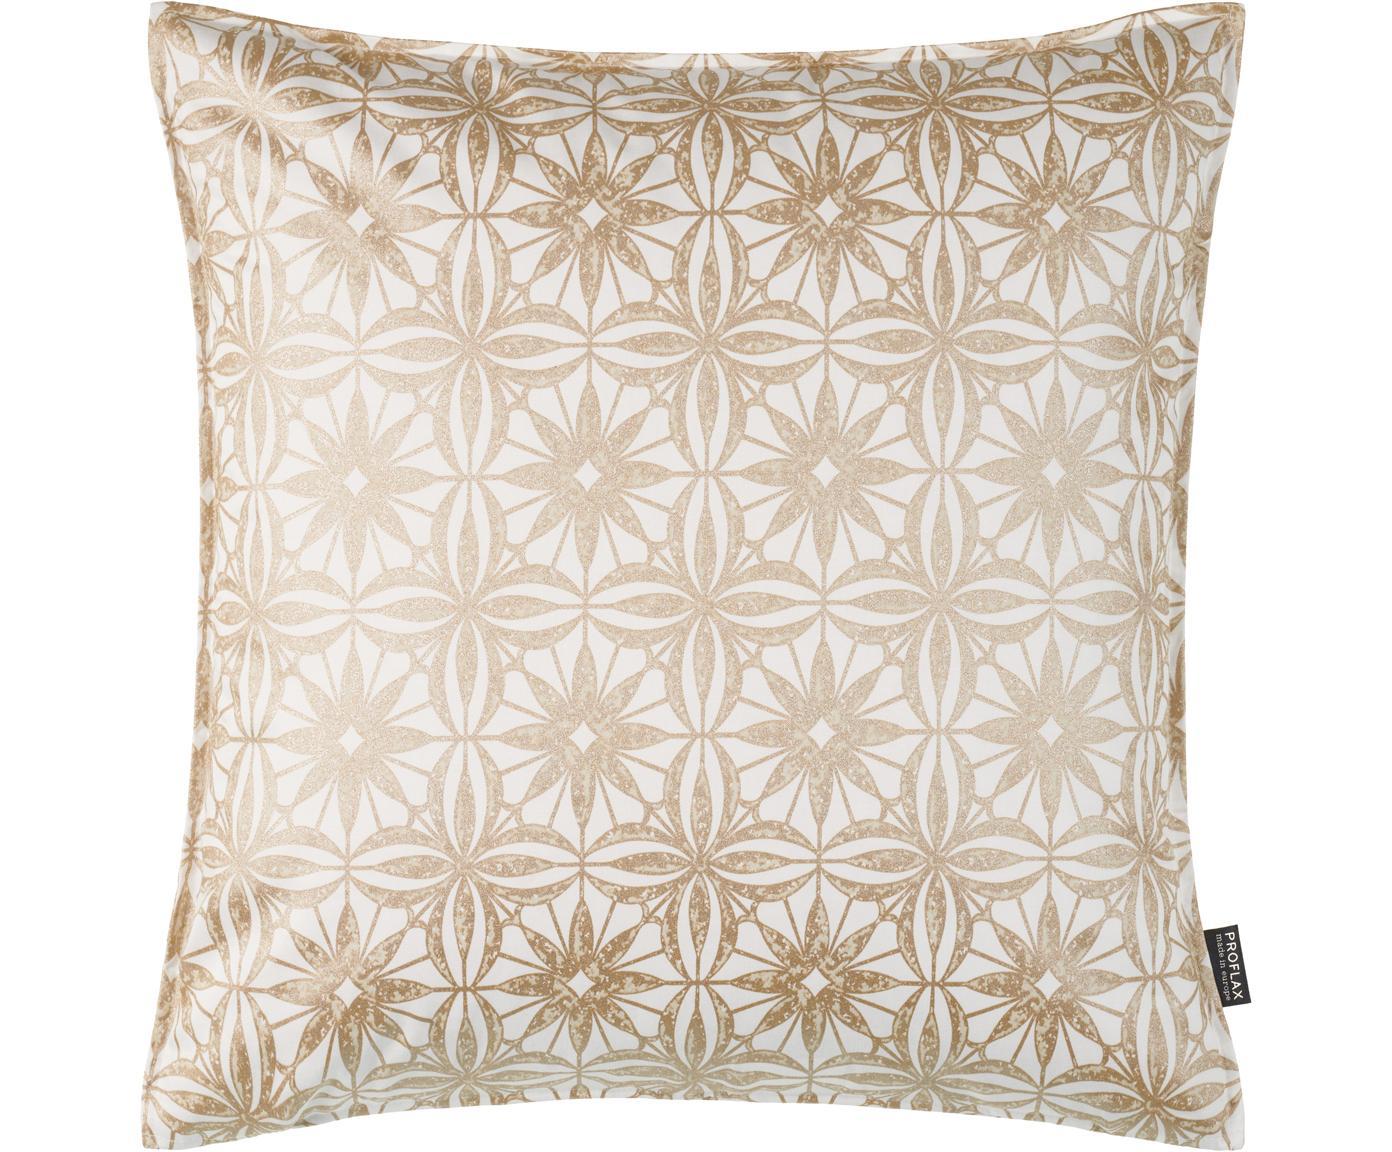 Poszewka na poduszkę Alexis, Bawełna, Biały, beżowy, odcienie złotego, S 40 x D 40 cm